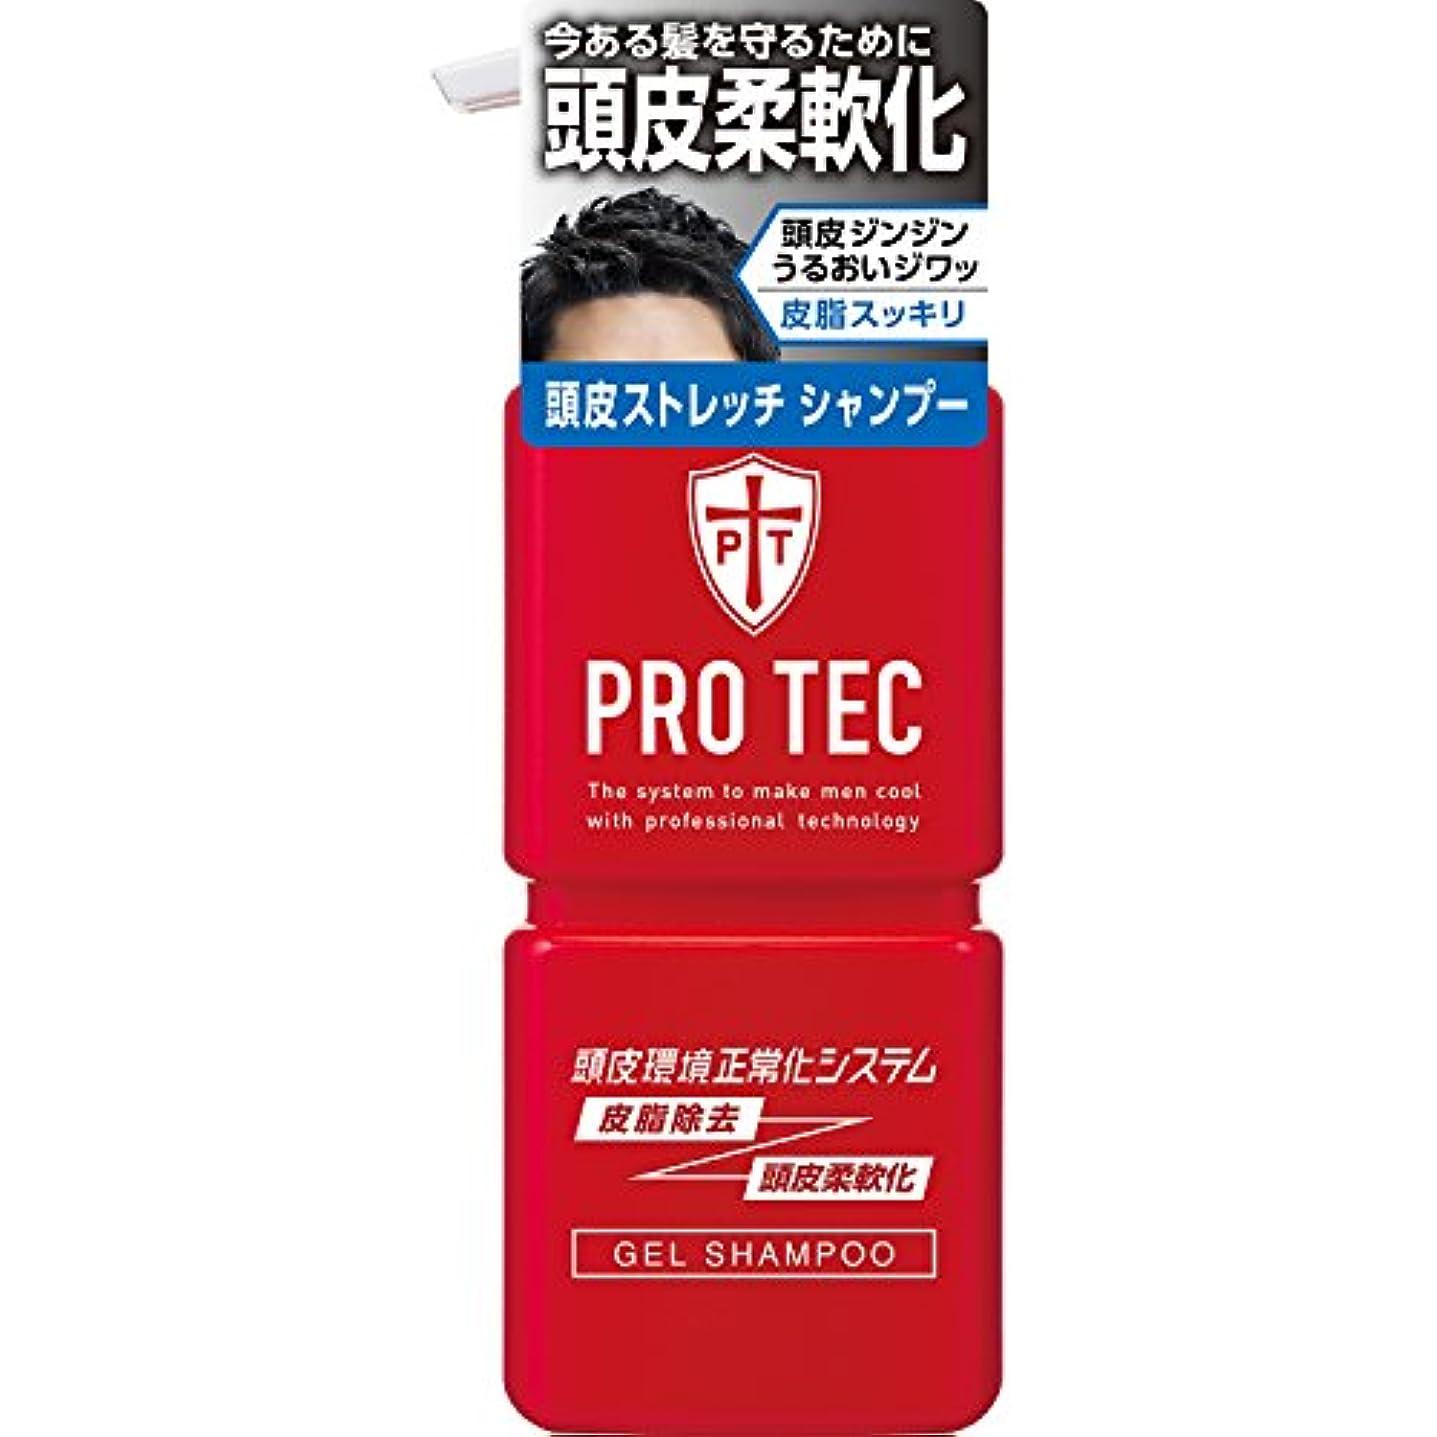 階段脳劇作家PRO TEC(プロテク) 頭皮ストレッチ シャンプー 本体ポンプ 300g(医薬部外品)